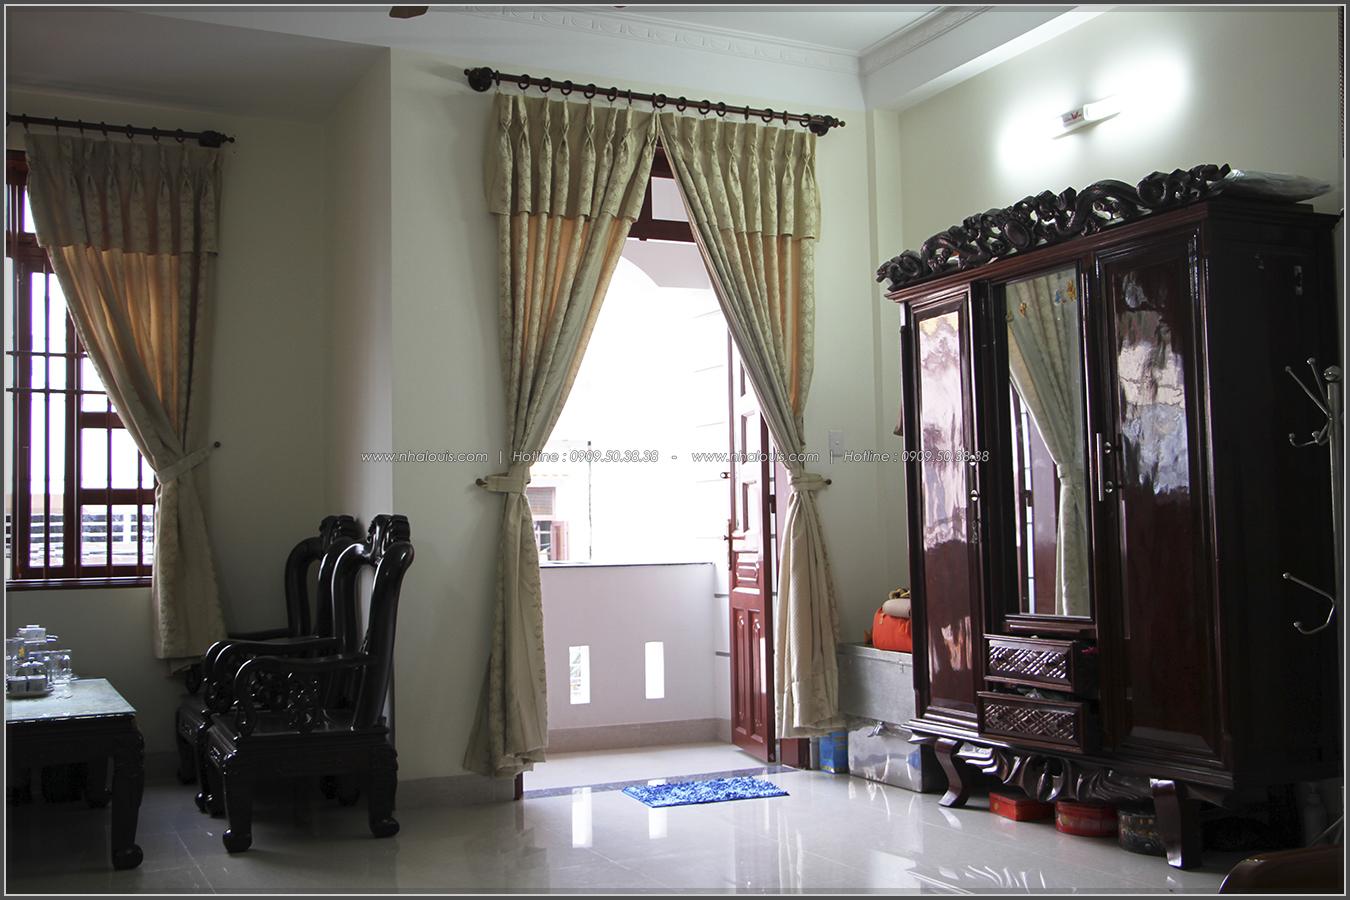 Thi công xây dựng nhà phố 3 tầng hiện đại cực chất tại quận Tân Bình - 09